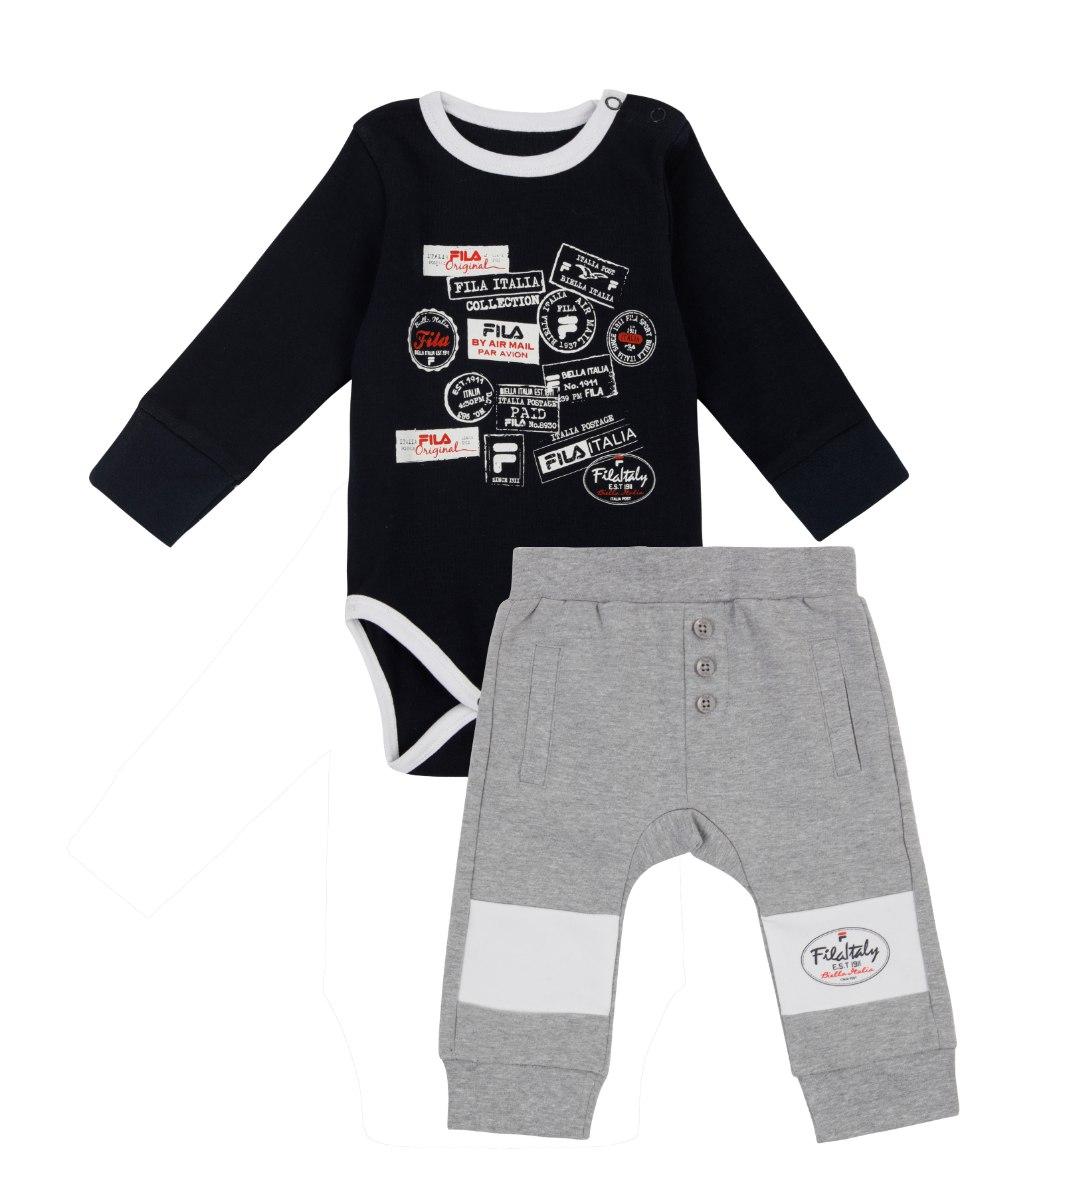 חליפת בייבי בנים כחול/אפור FILA תינוקות - מידות NB עד 12 חודשים